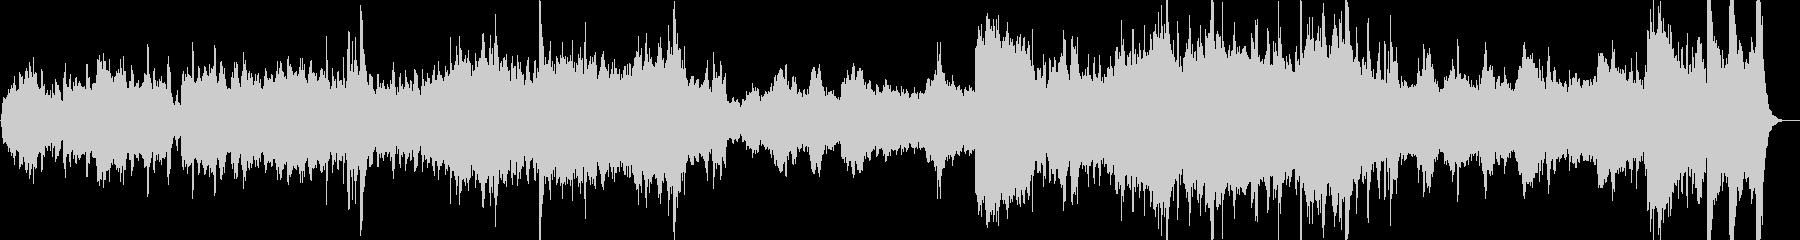 現代的 交響曲 エレクトロ タンゴ...の未再生の波形